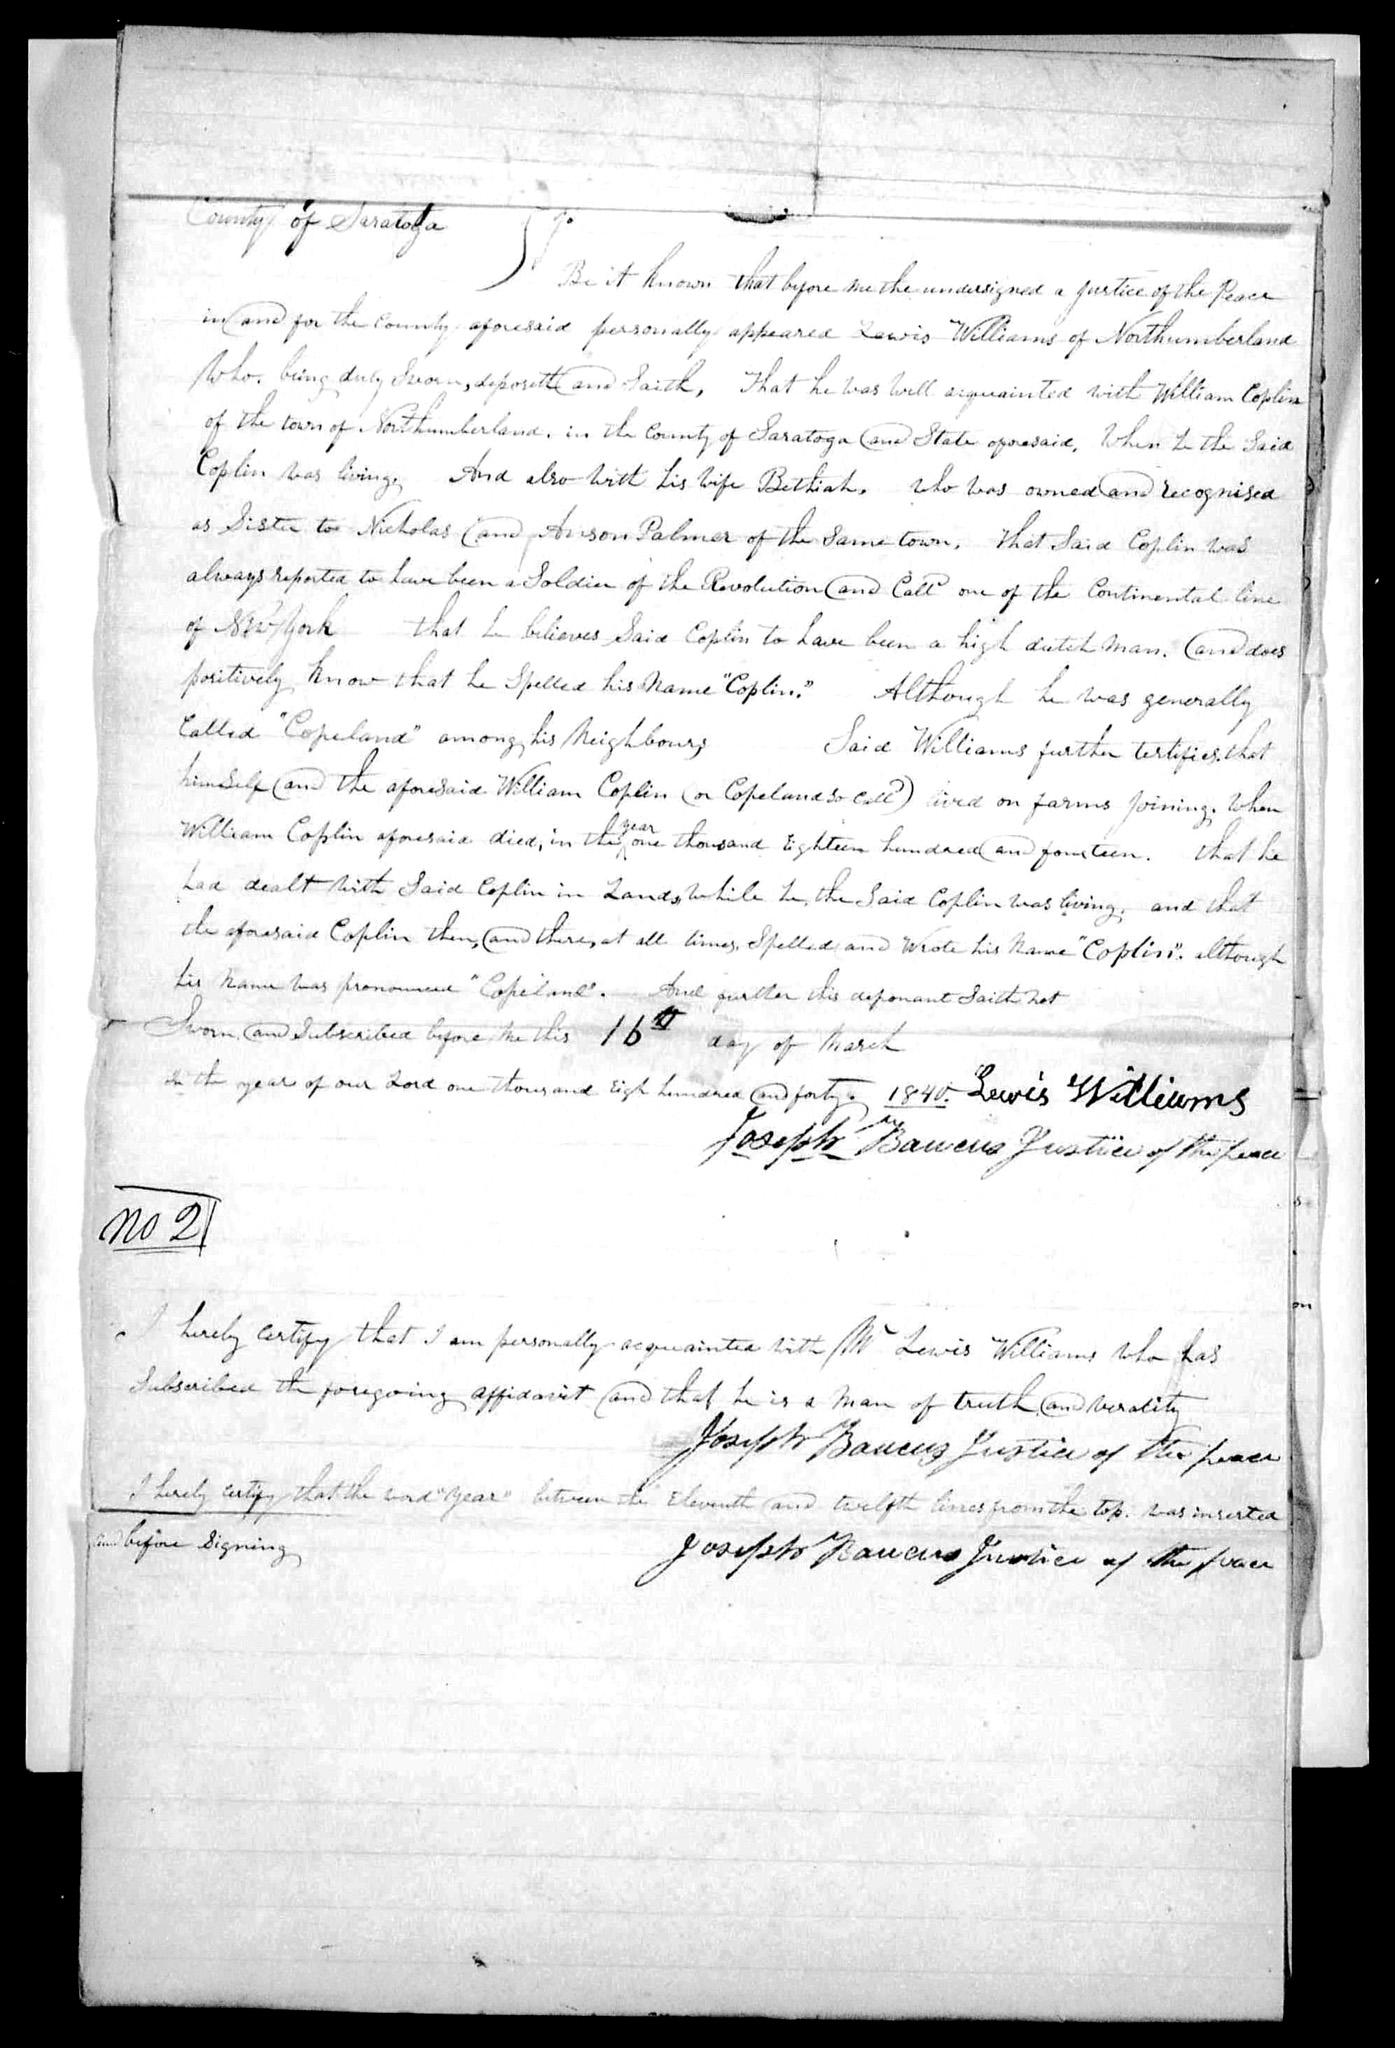 Lewis Williams affidavit on 16 Mar 1840